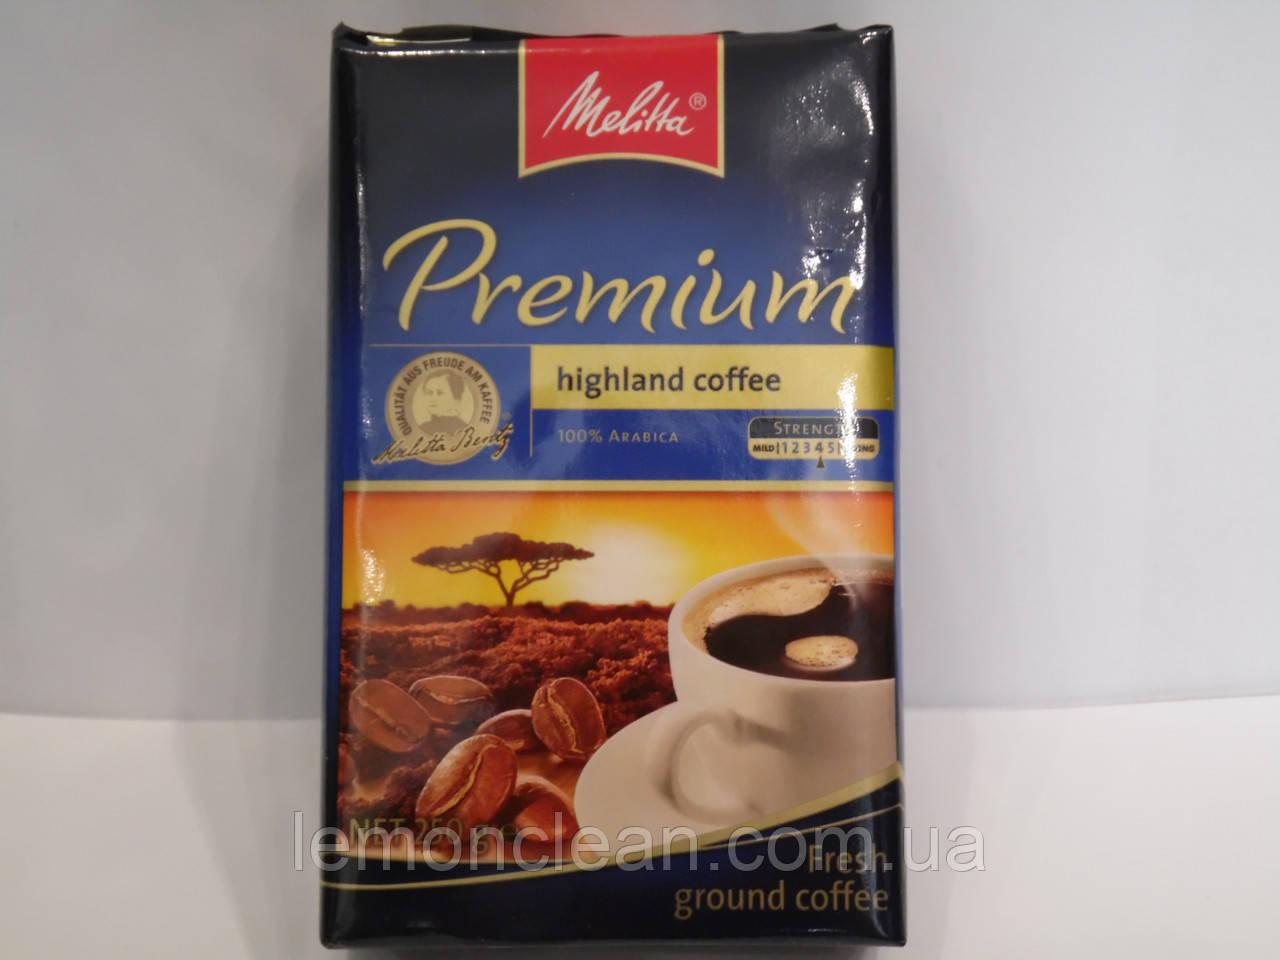 Кофе молотый Melitta Premium highland coffee 250 гр.